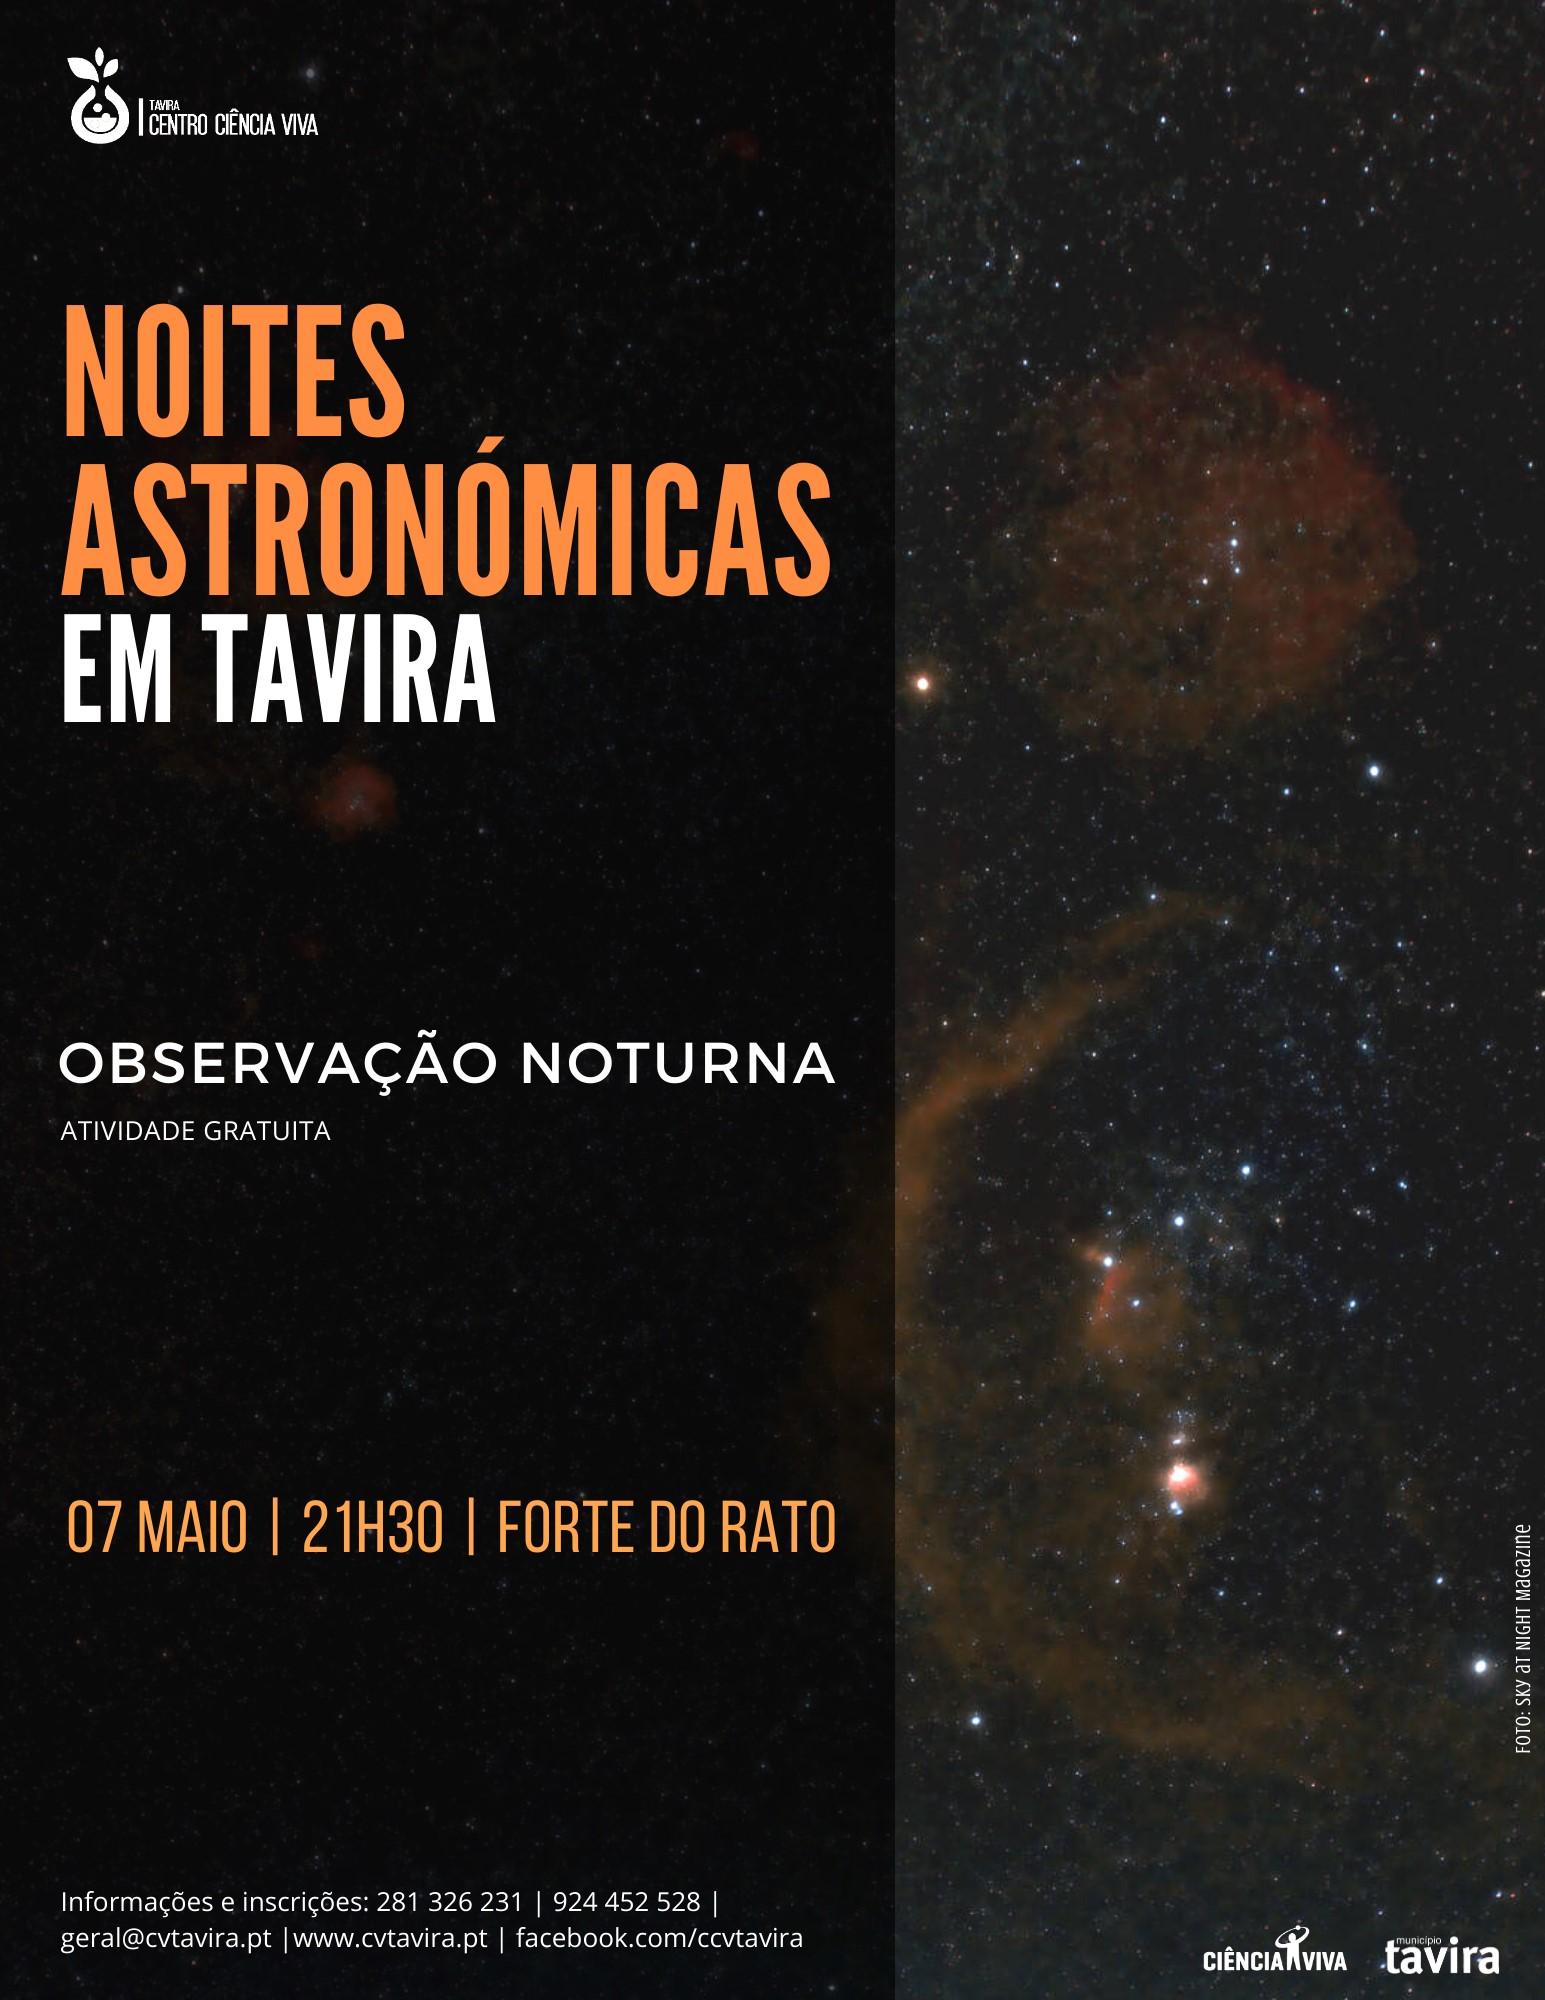 Noites Astronómicas em Tavira - Observação noturna